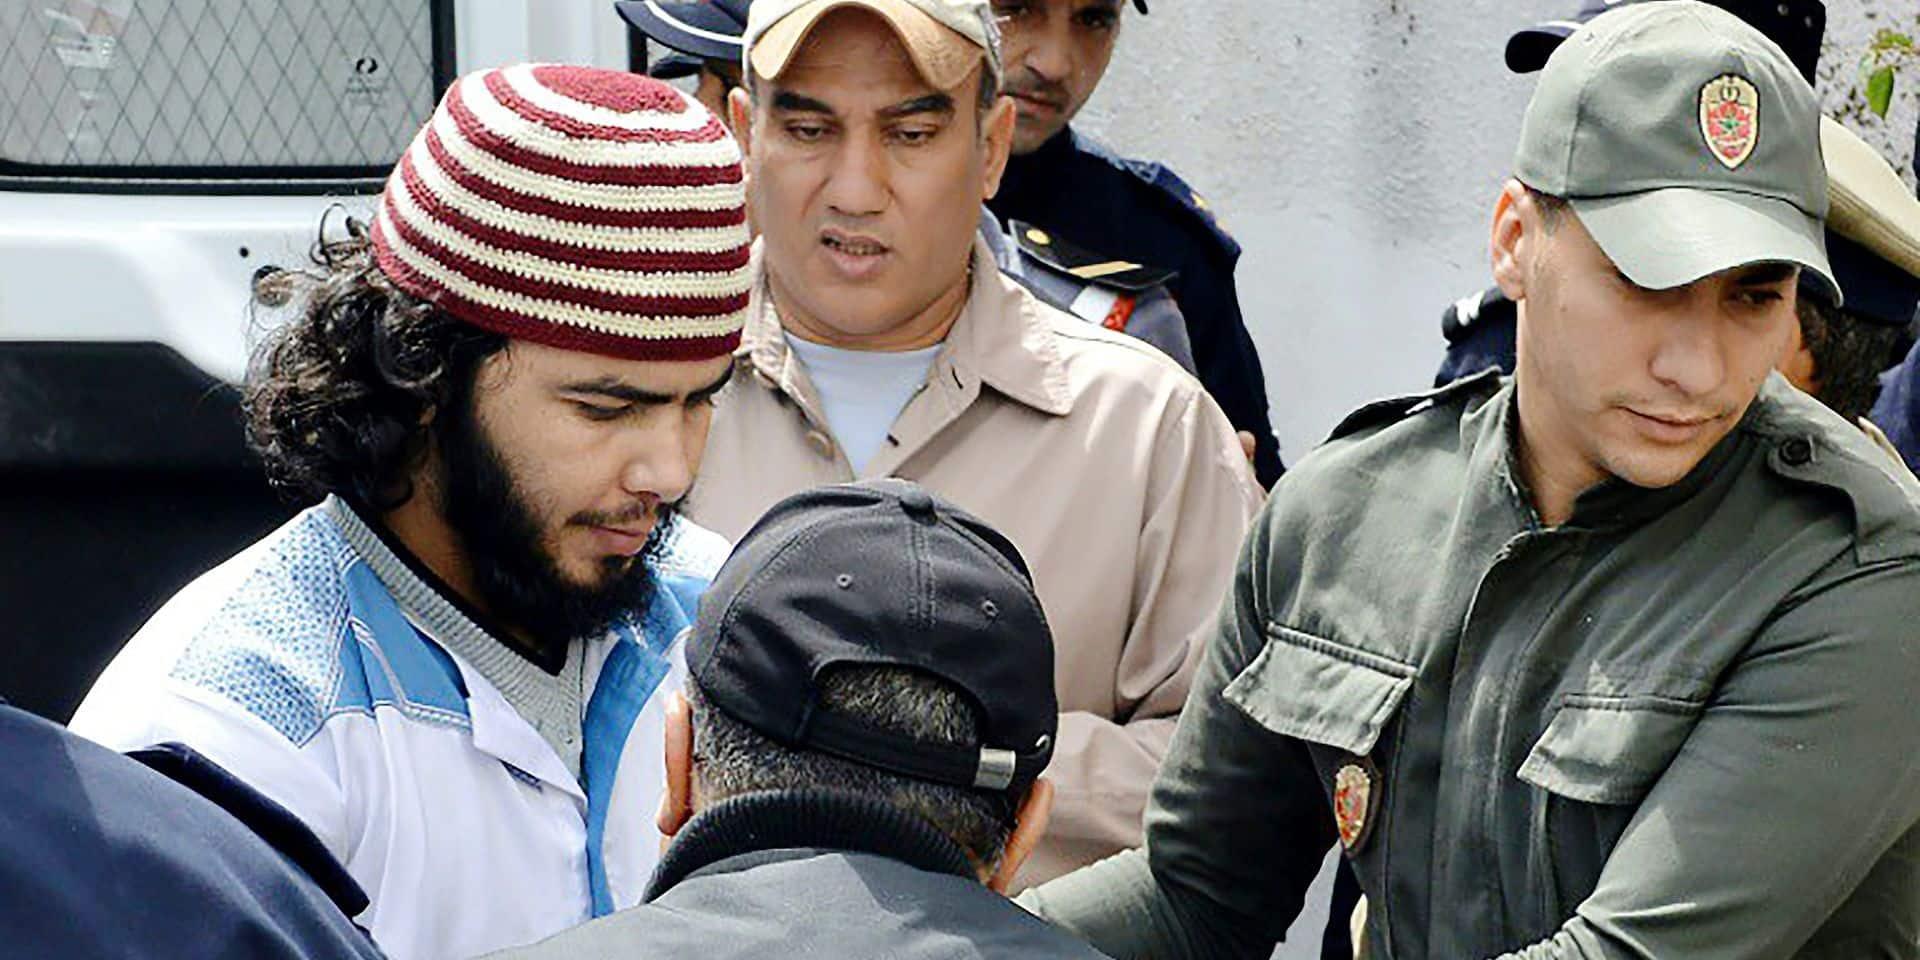 Un des suspects du double meurtre de deux touristes scandinaves au Maroc arrive au tribunal de Salé (Maroc), le 2 mai 2019